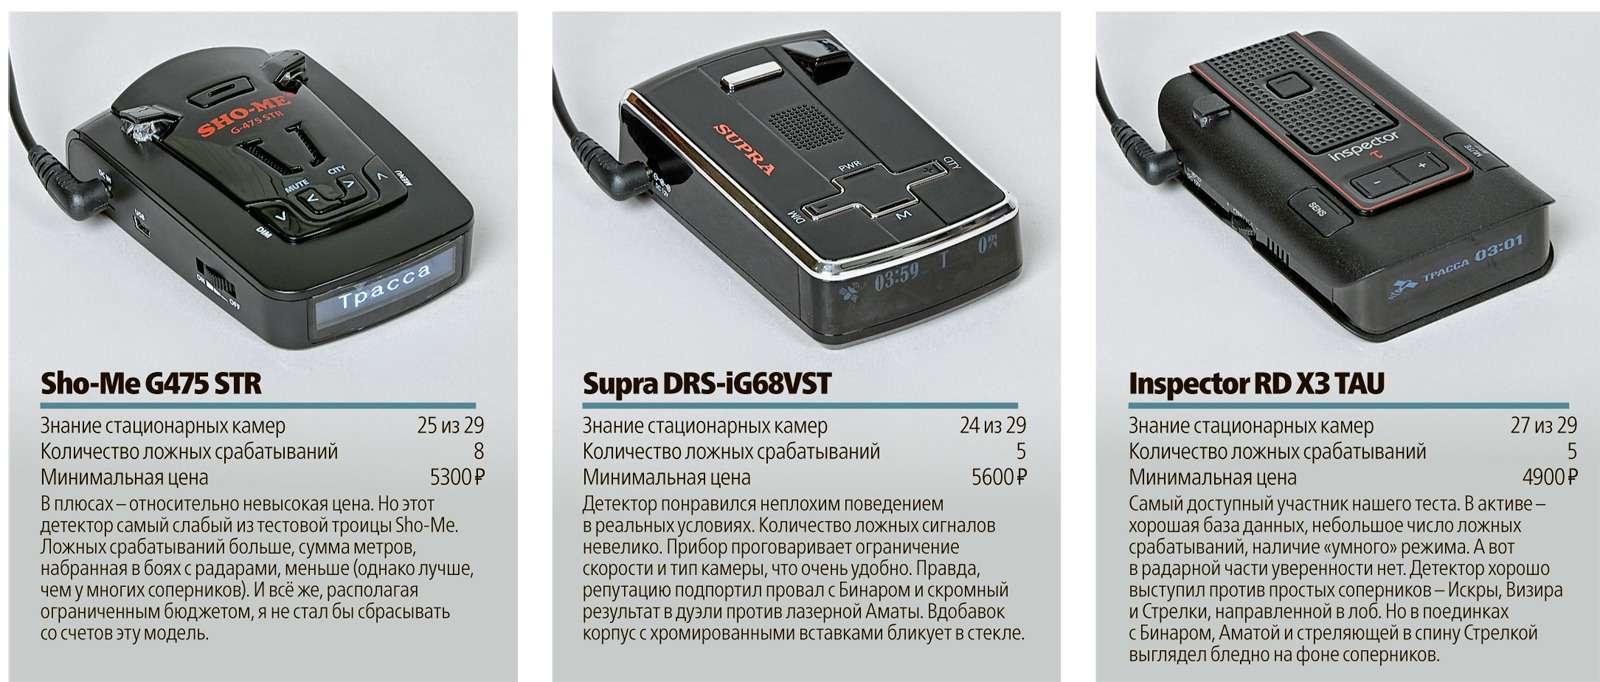 Забить Стрелку: тест 11моделей радар-детекторов сGPS— фото 587113